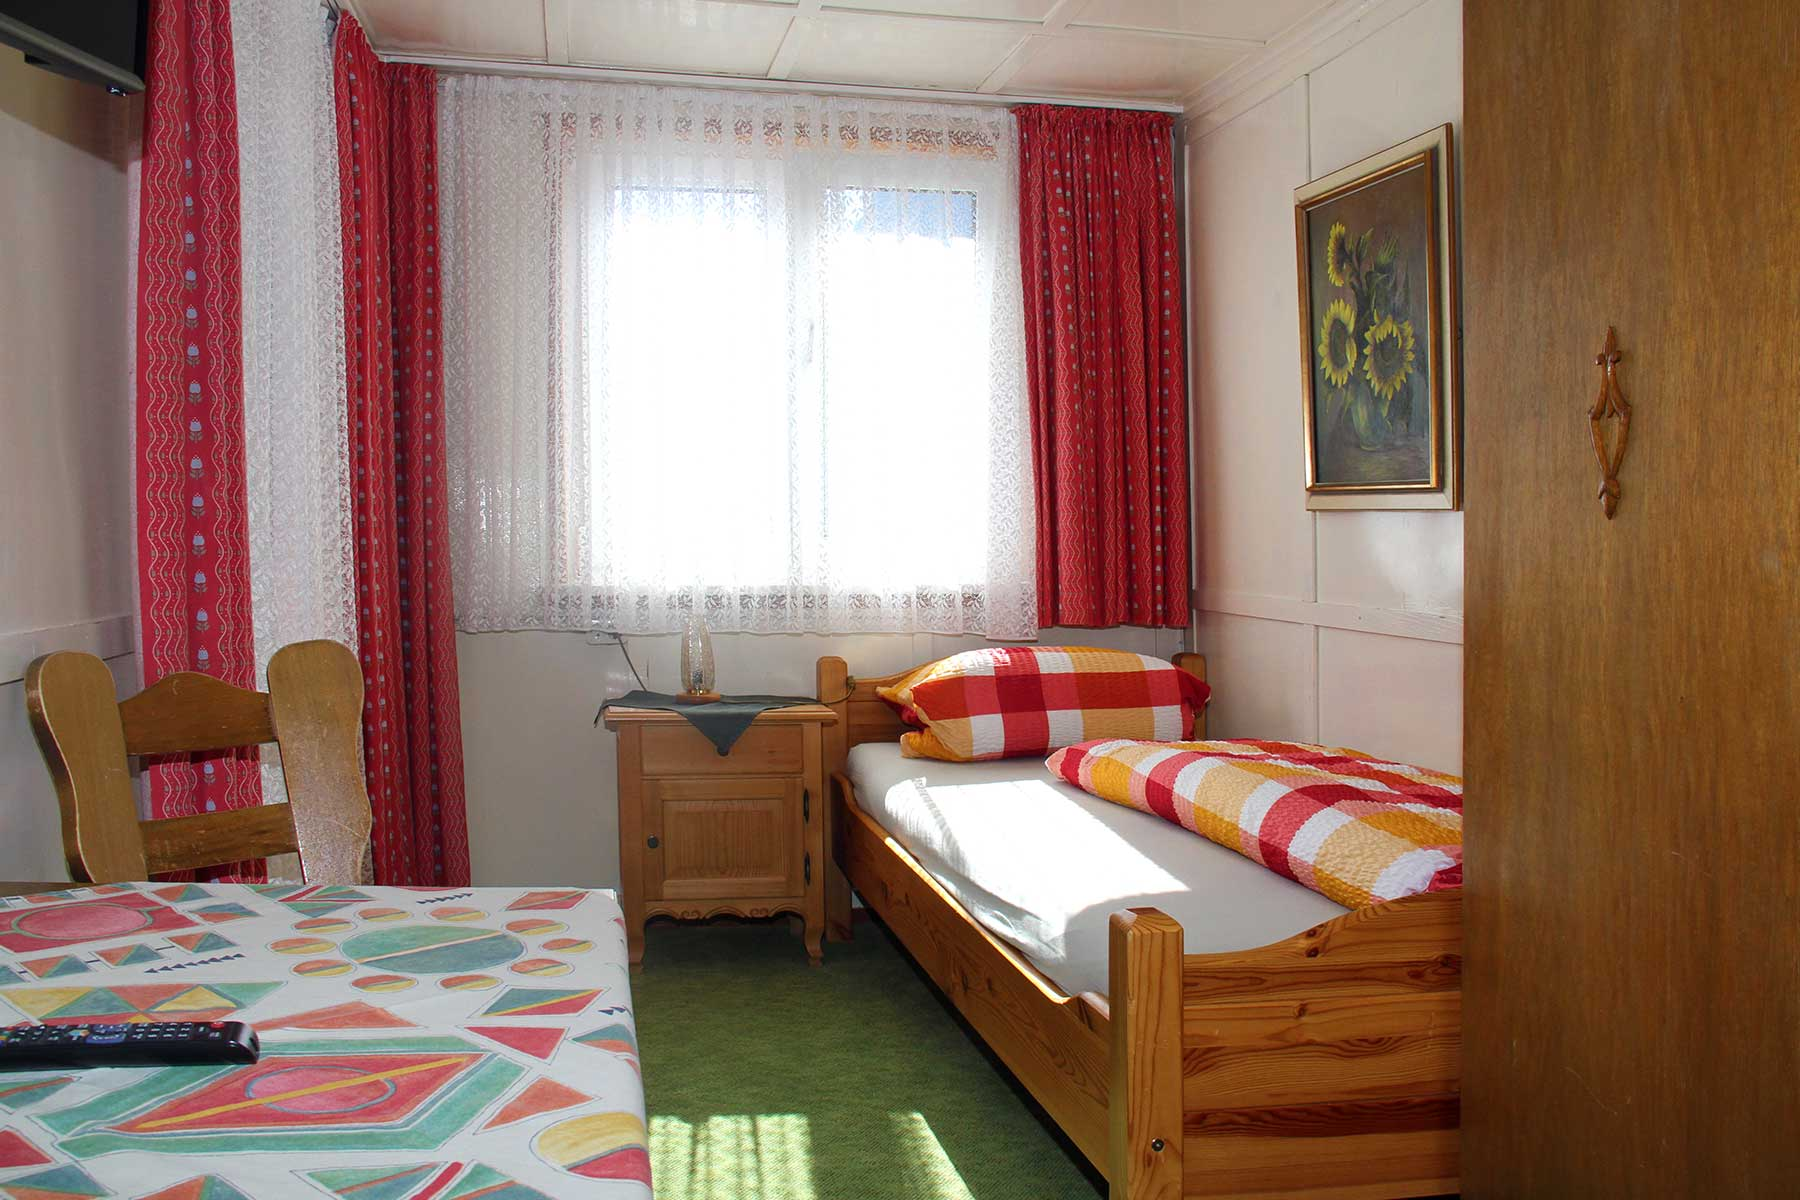 Berggasthof Bühlalpe, Kleinwalsertal – Doppel- und Einzelzimmer für 8 bis 20 Personen